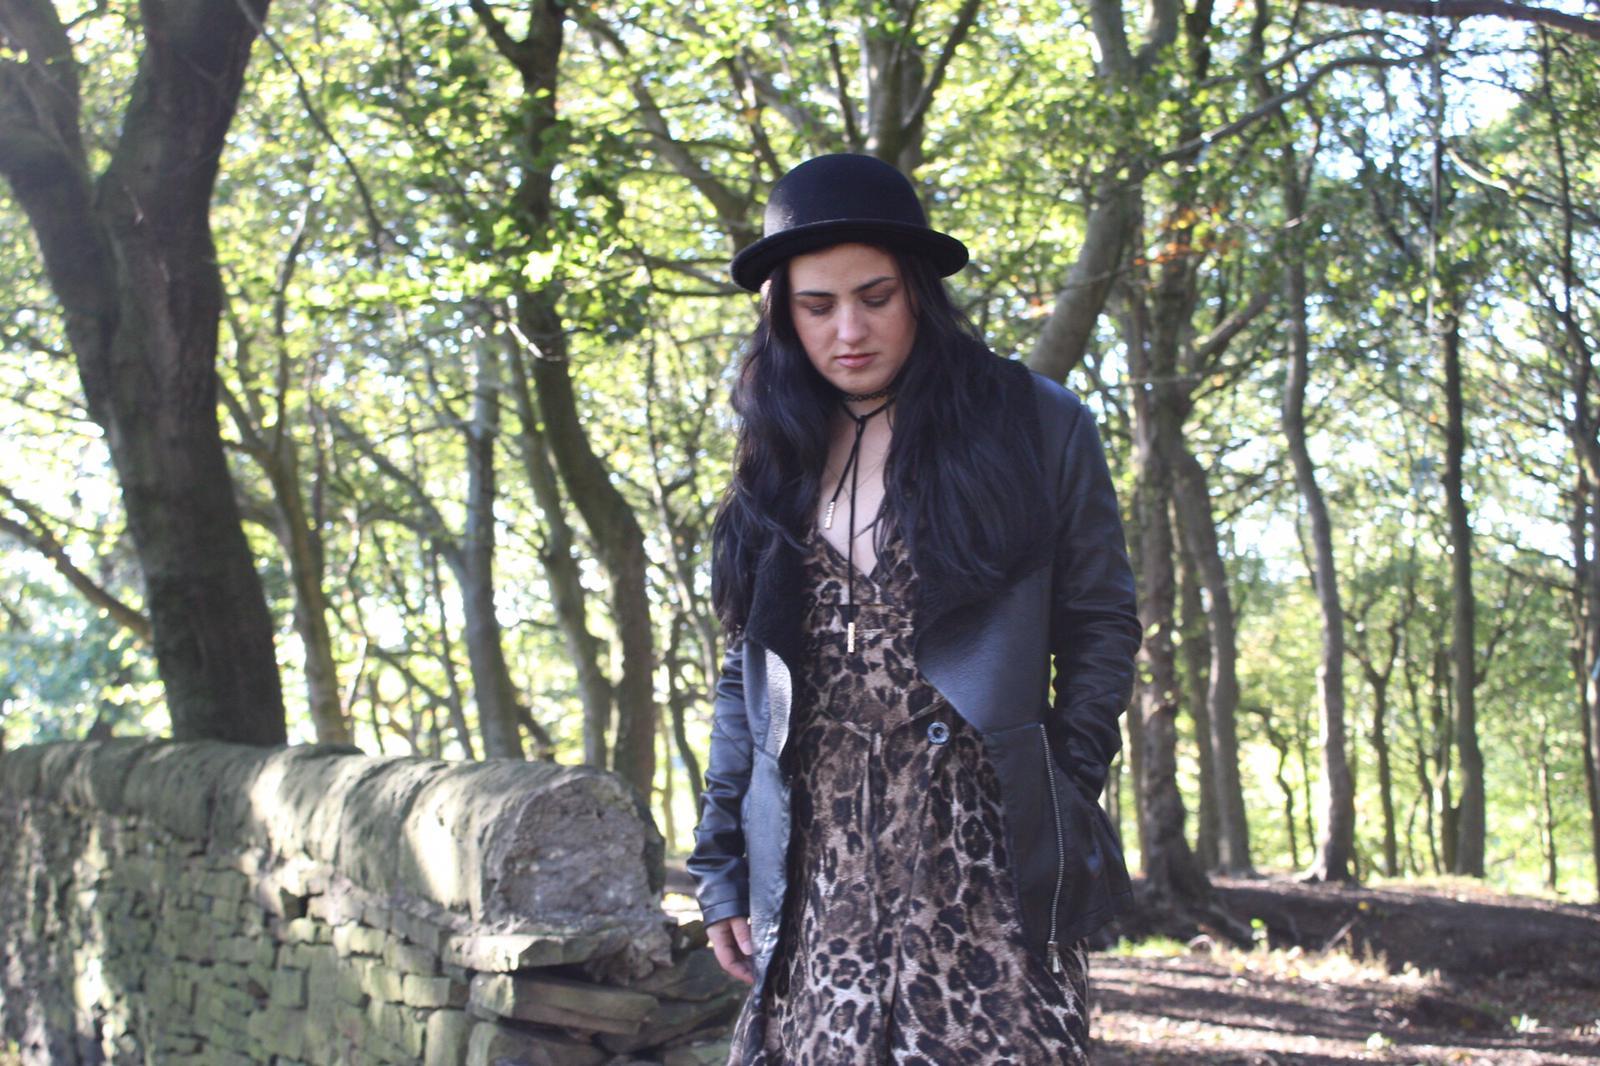 OOTD – Leopard Print Dress 3